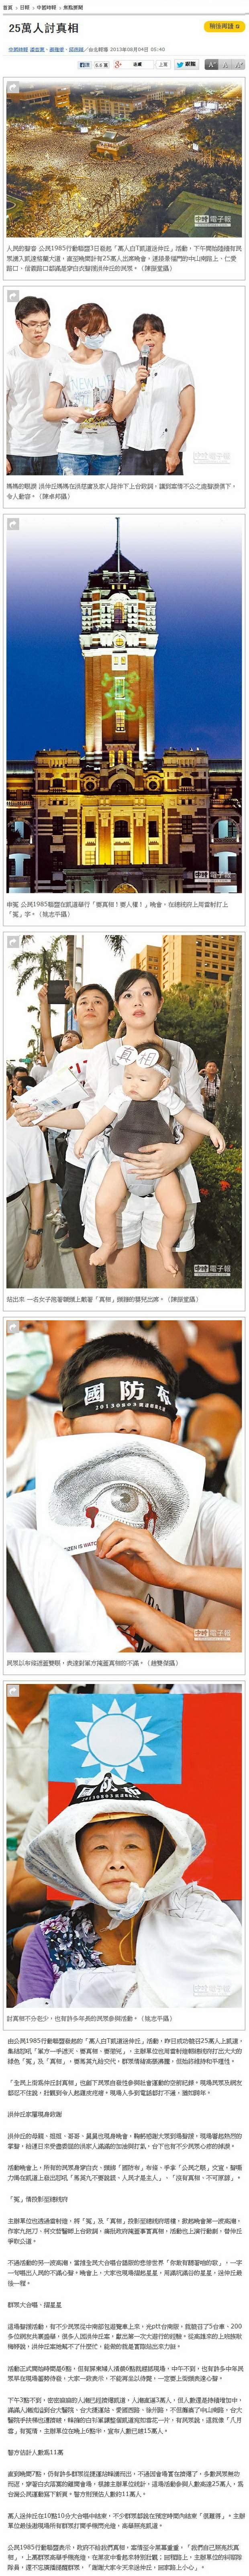 25萬人討真相-2013.08.04-01.jpg